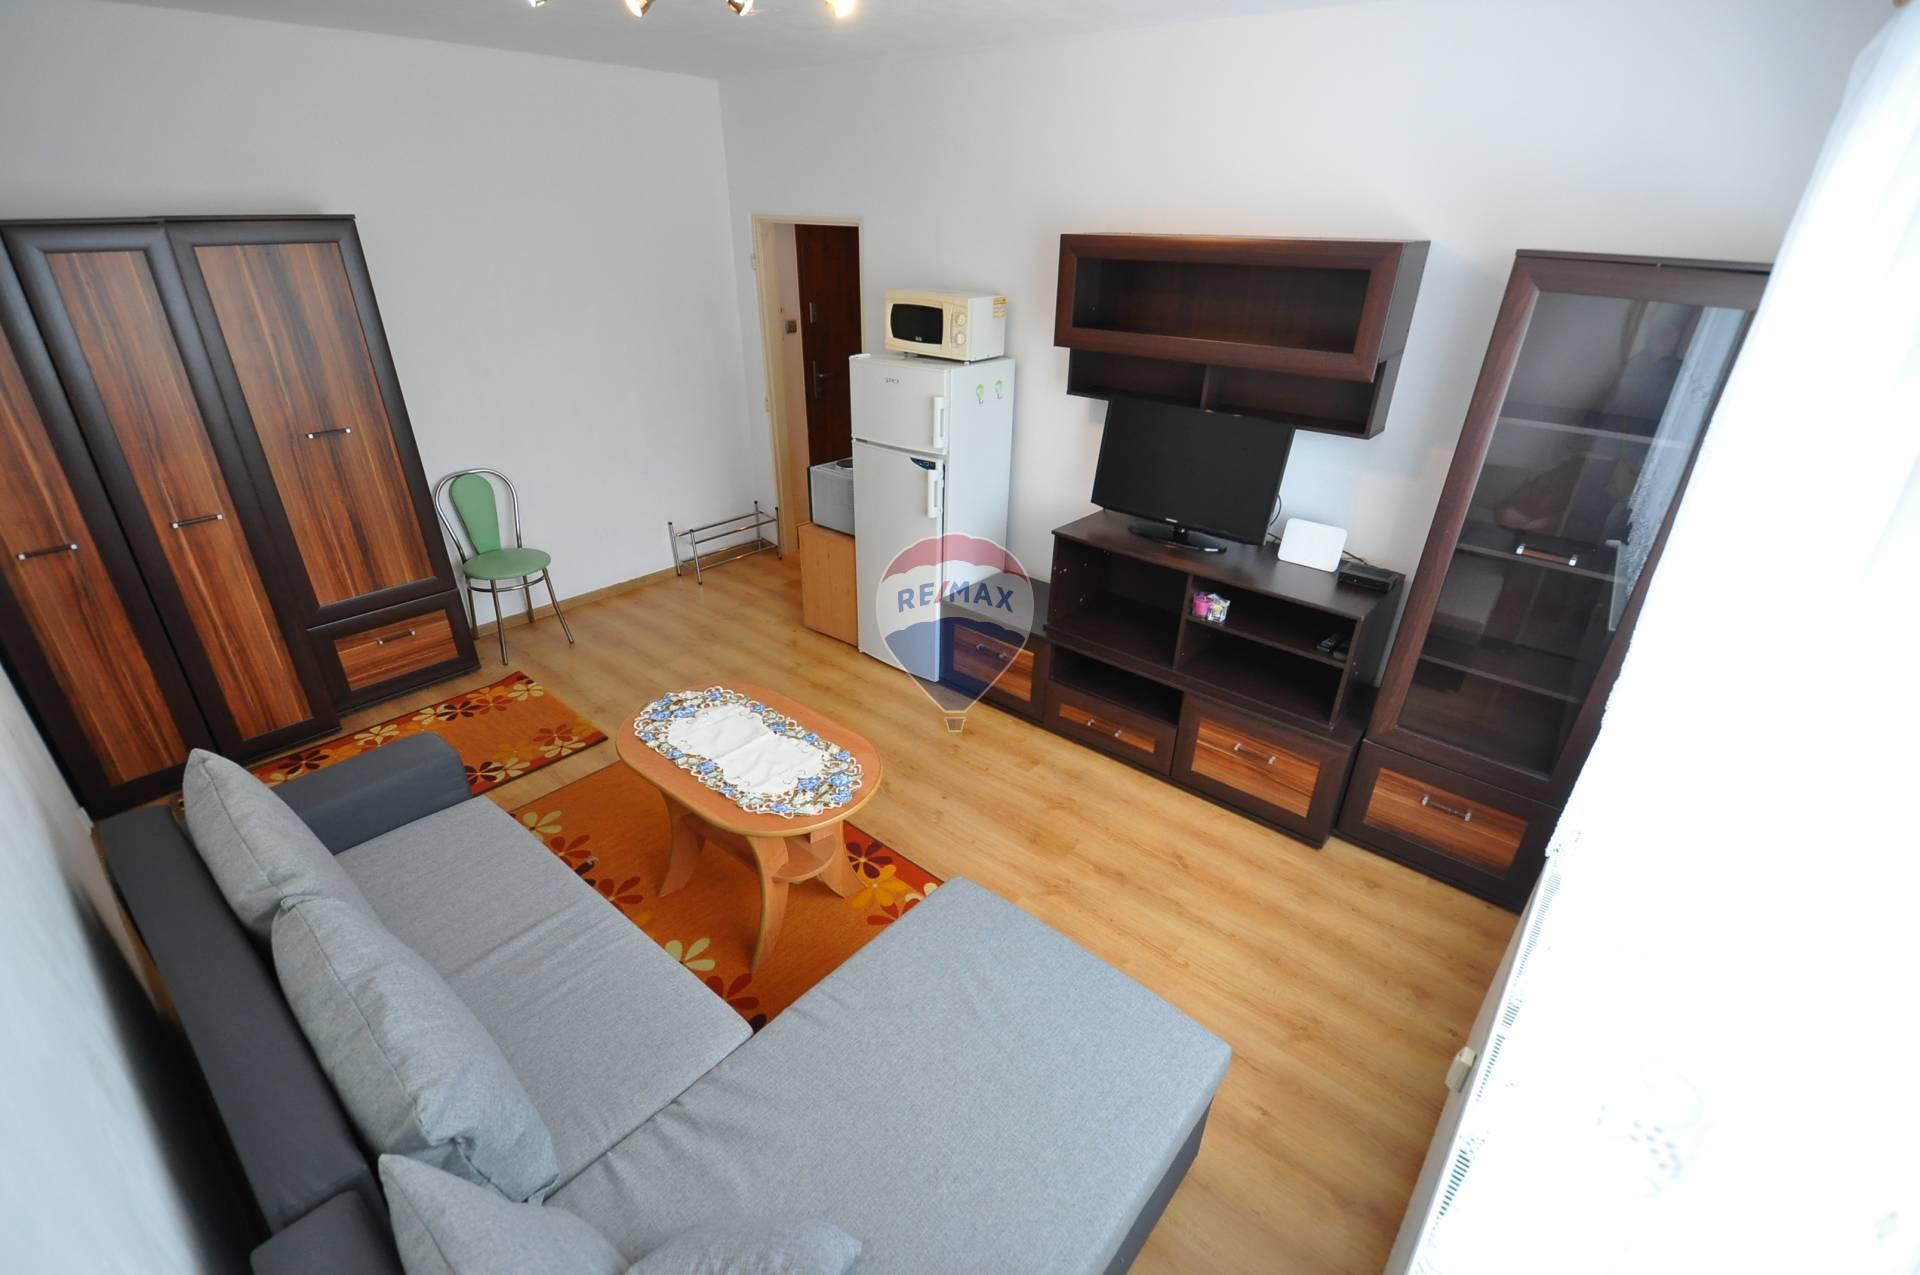 Prenájom bytu (garsónka) 24 m2, Vysoké Tatry - PRENÁJOM, garzónka,Tatranská Lomnica, sídlisko